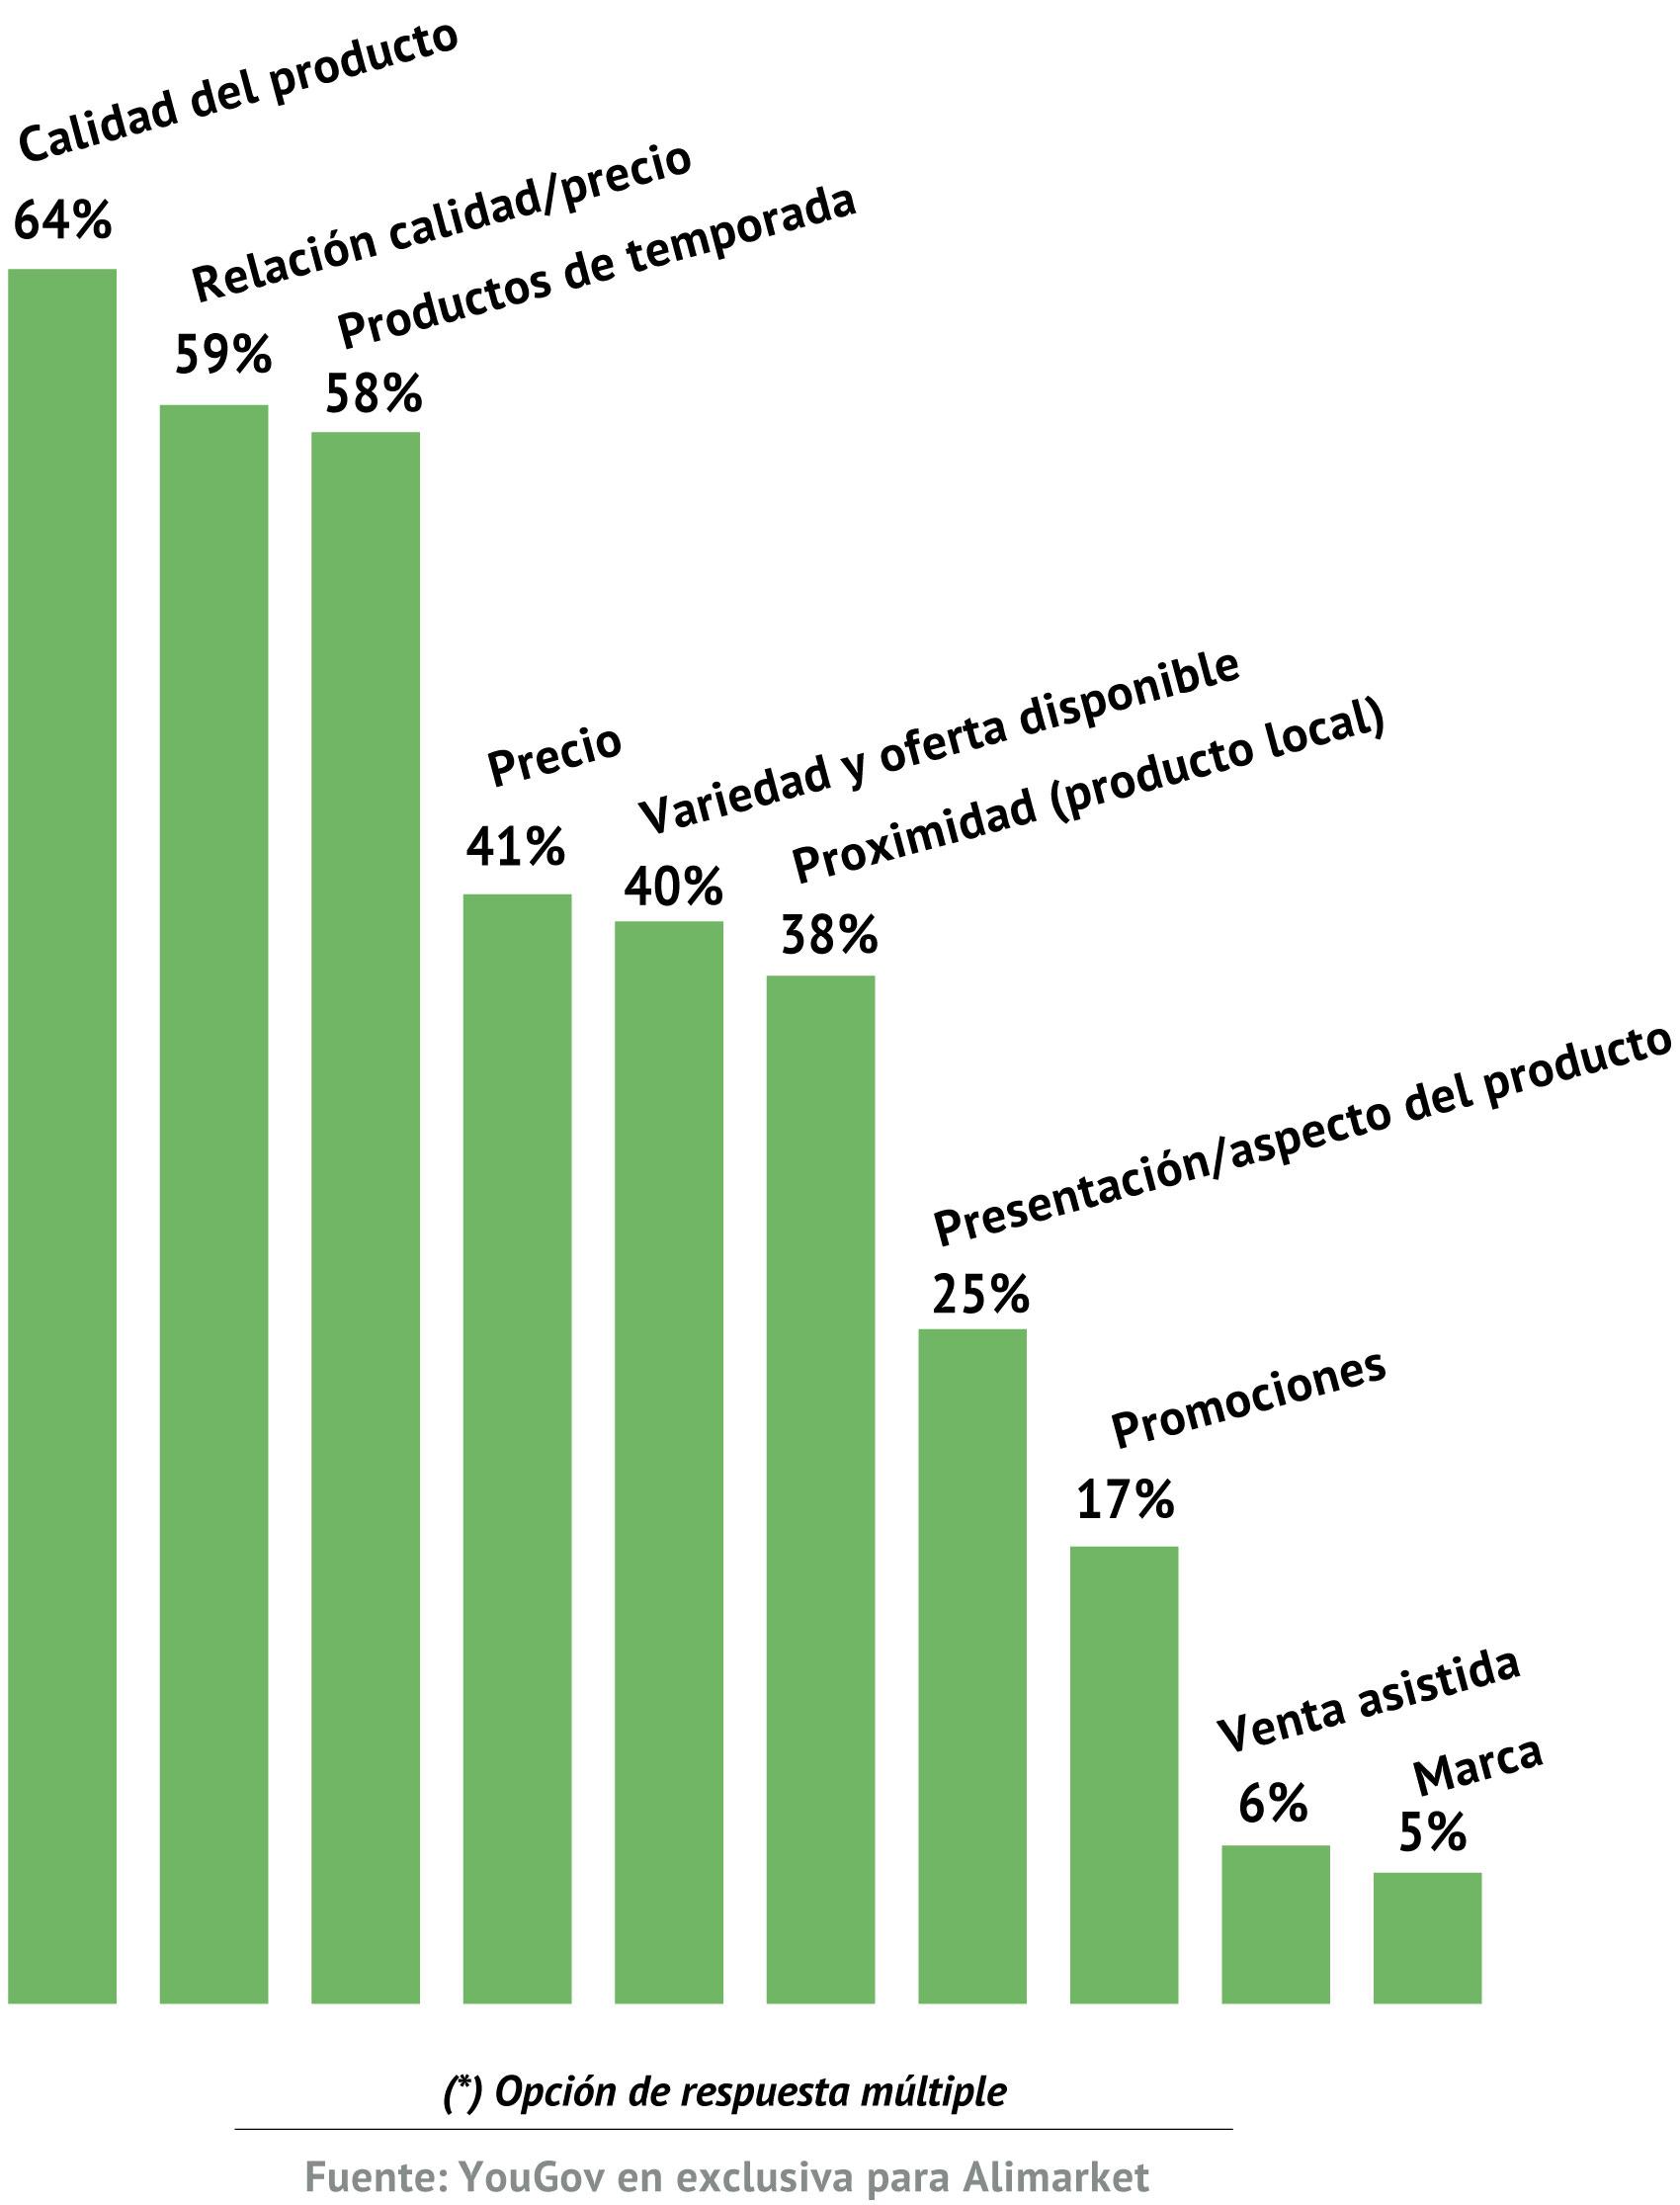 ¿Qué factores considera más relevantes en su decisión de compra de frutas y hortalizas?